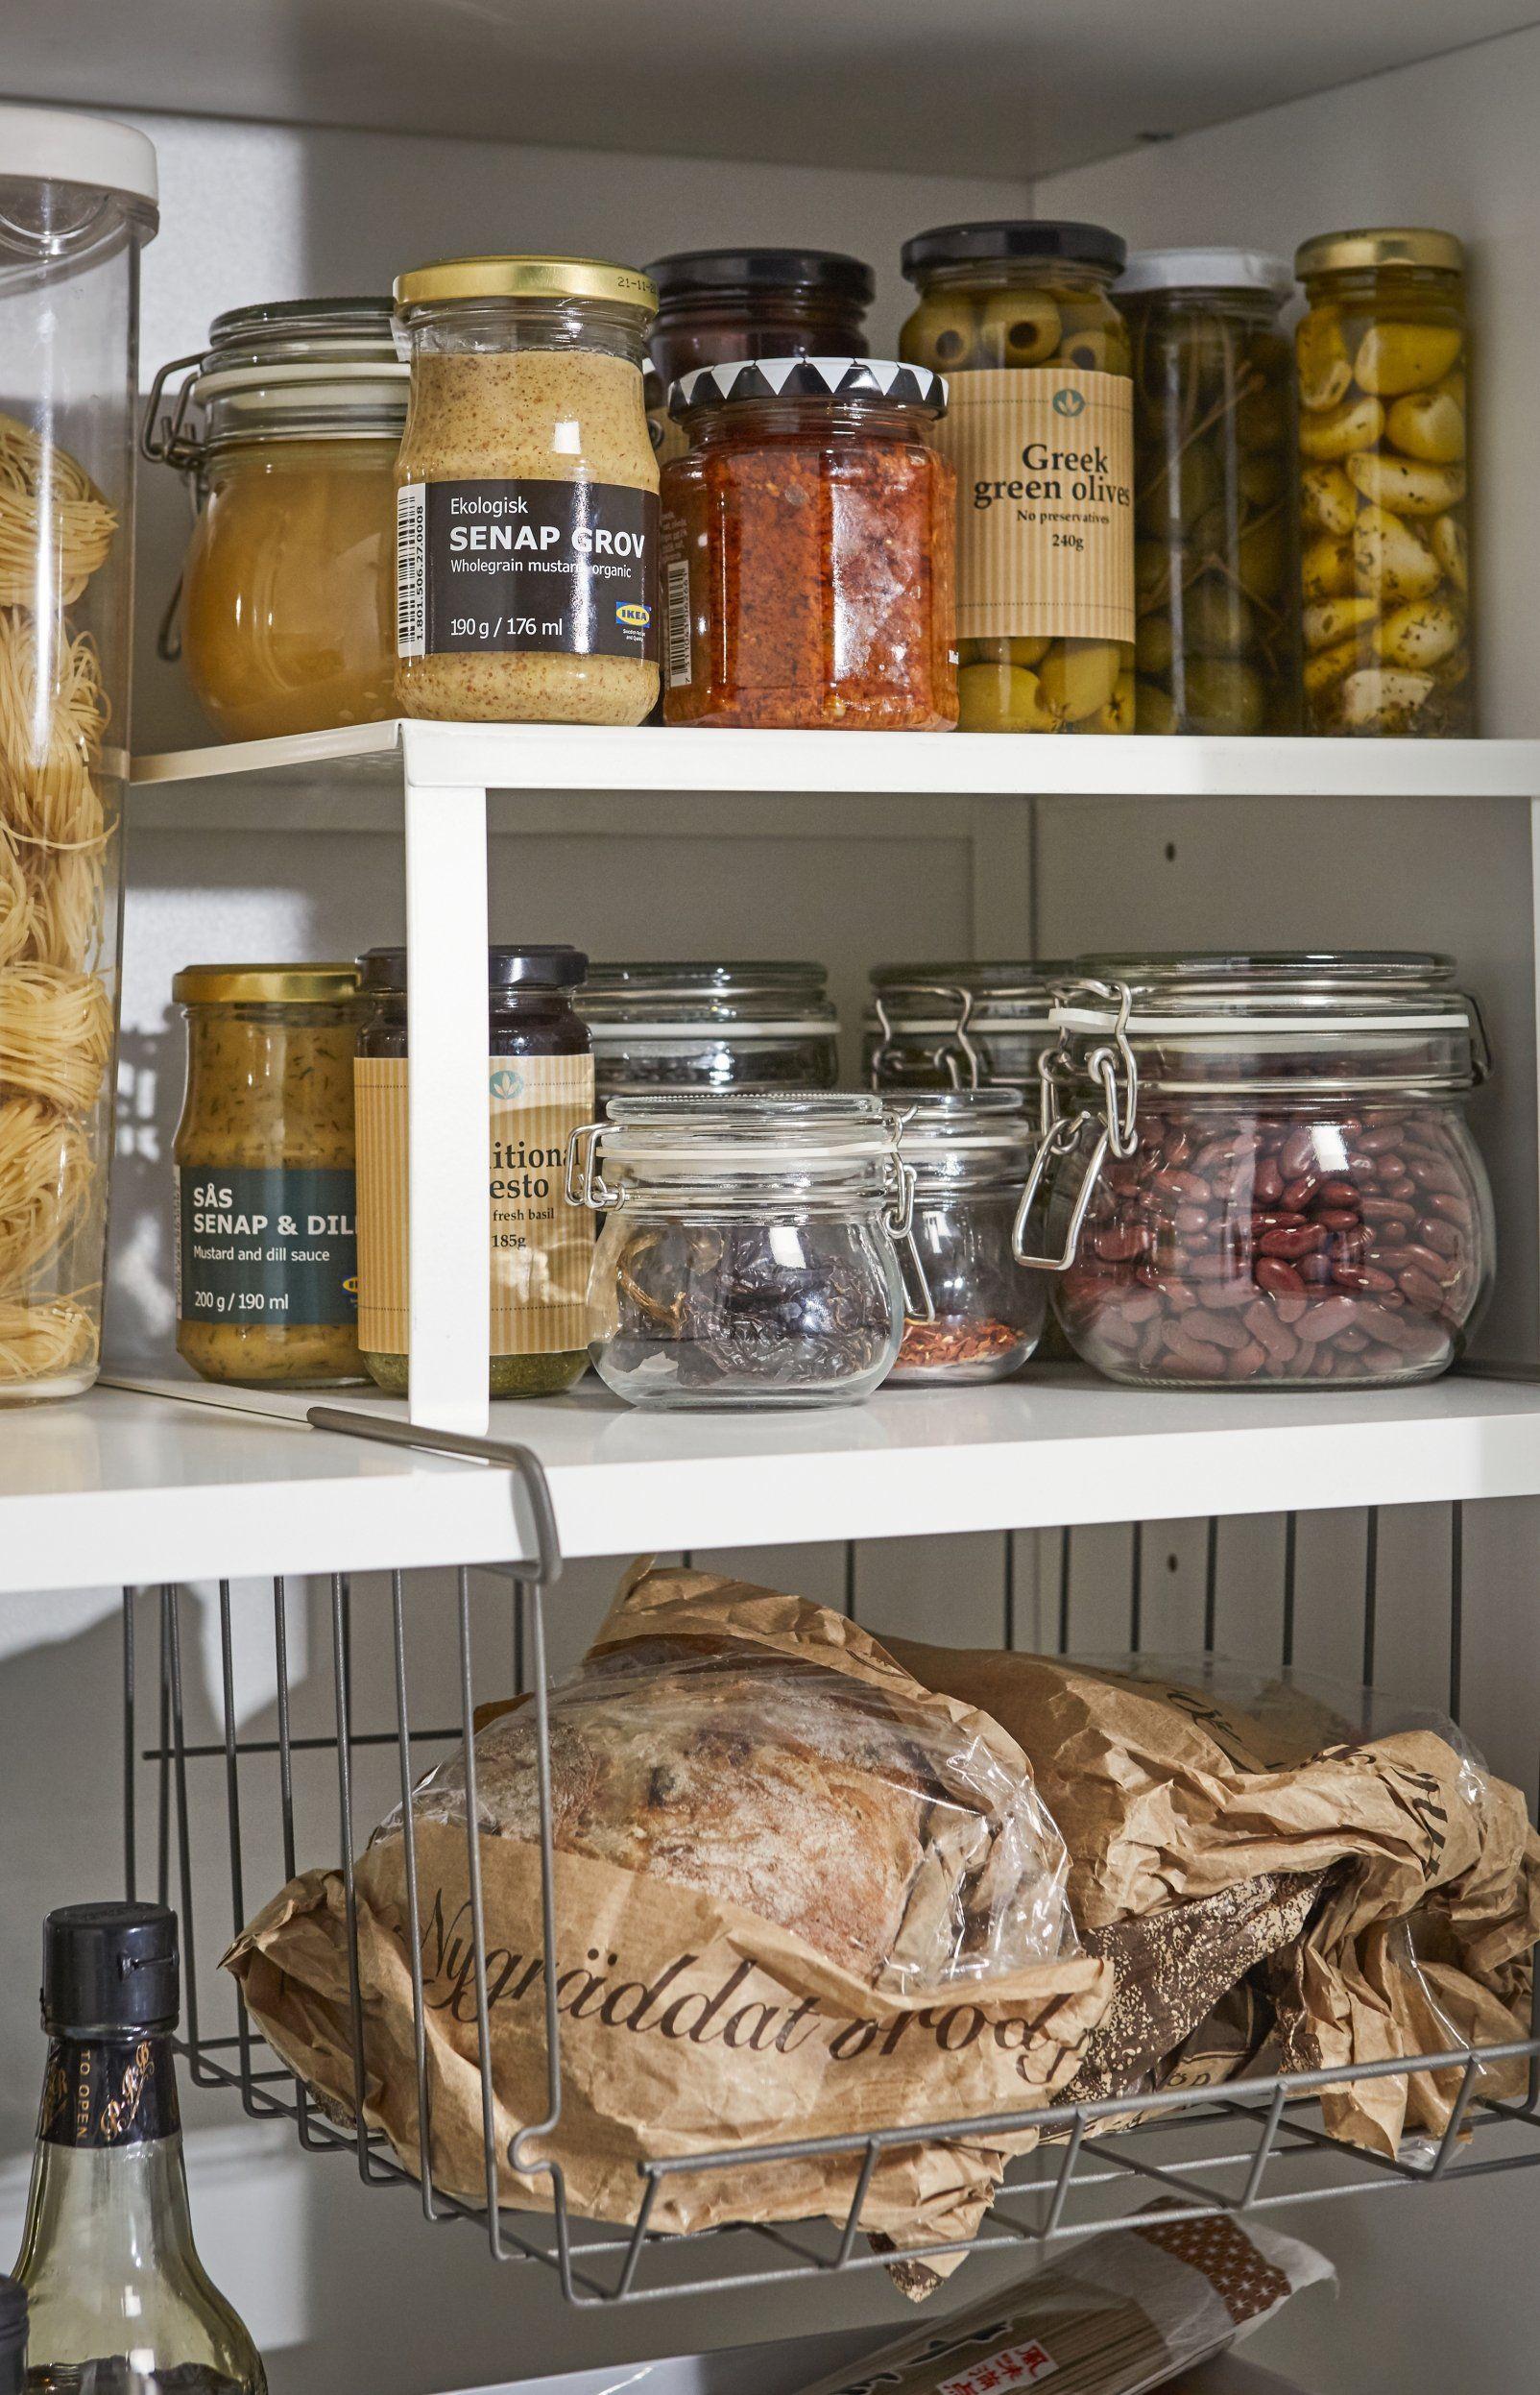 8 Idees Geniales Pour Ranger Partout Dans La Maison Ikea Garde Manger Rangement Garde Manger Rangement Placard Cuisine